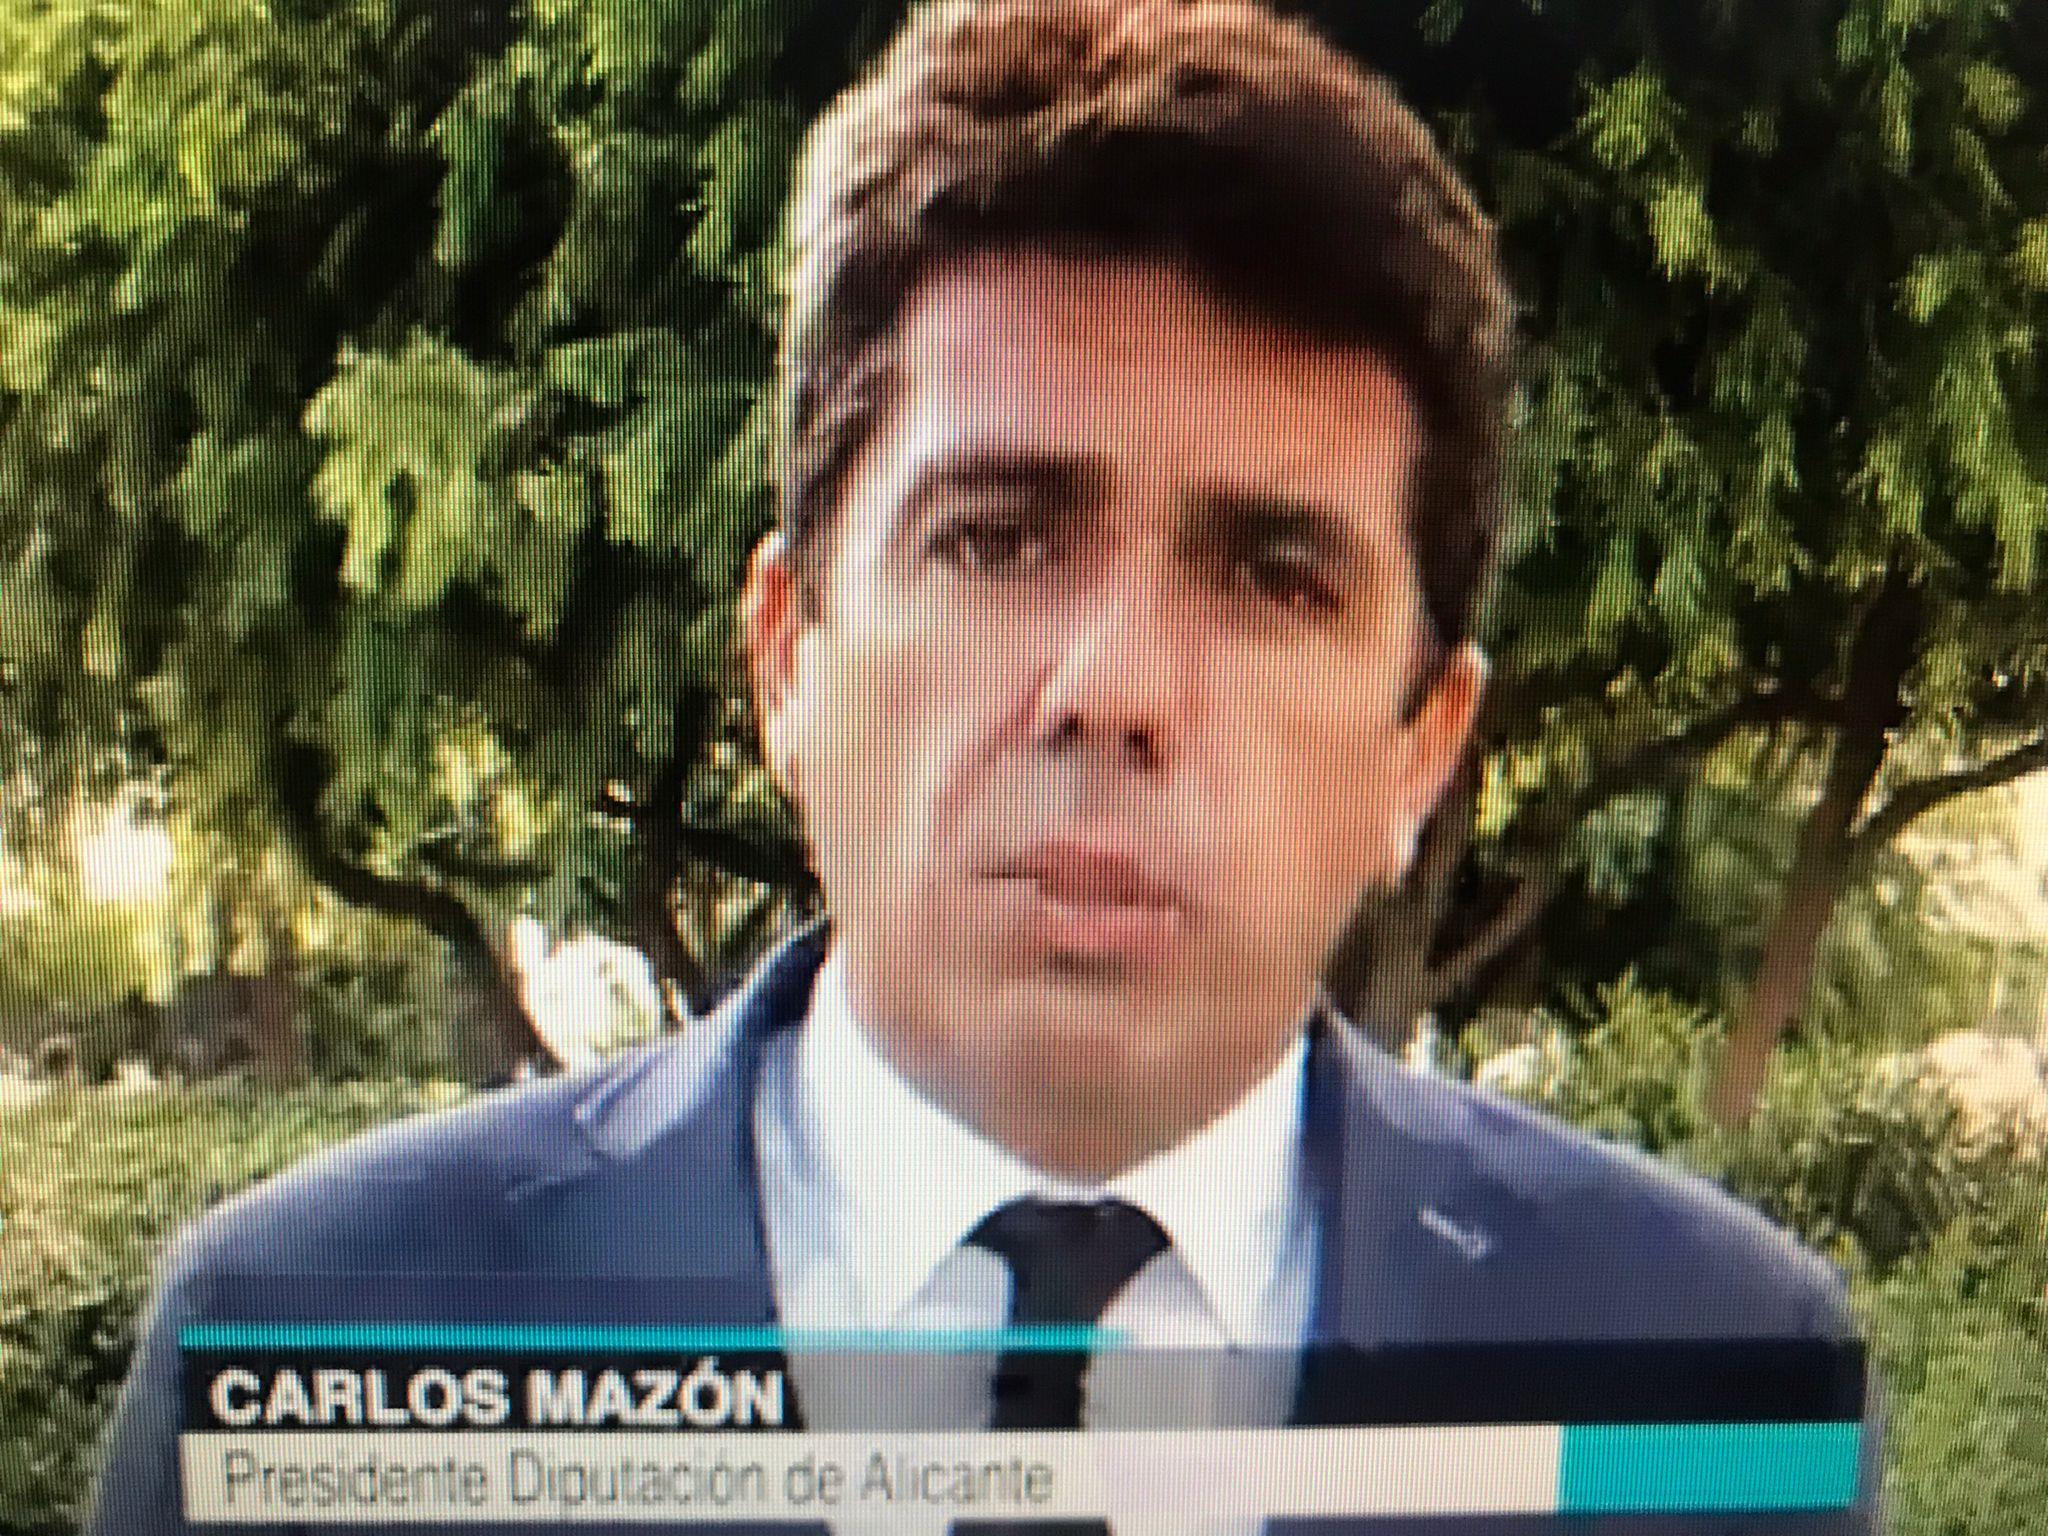 Mensaje Institucional 9 de Octubre (Día de la Comunidad Valenciana) del Presidente de la Diputación Carlos Mazón